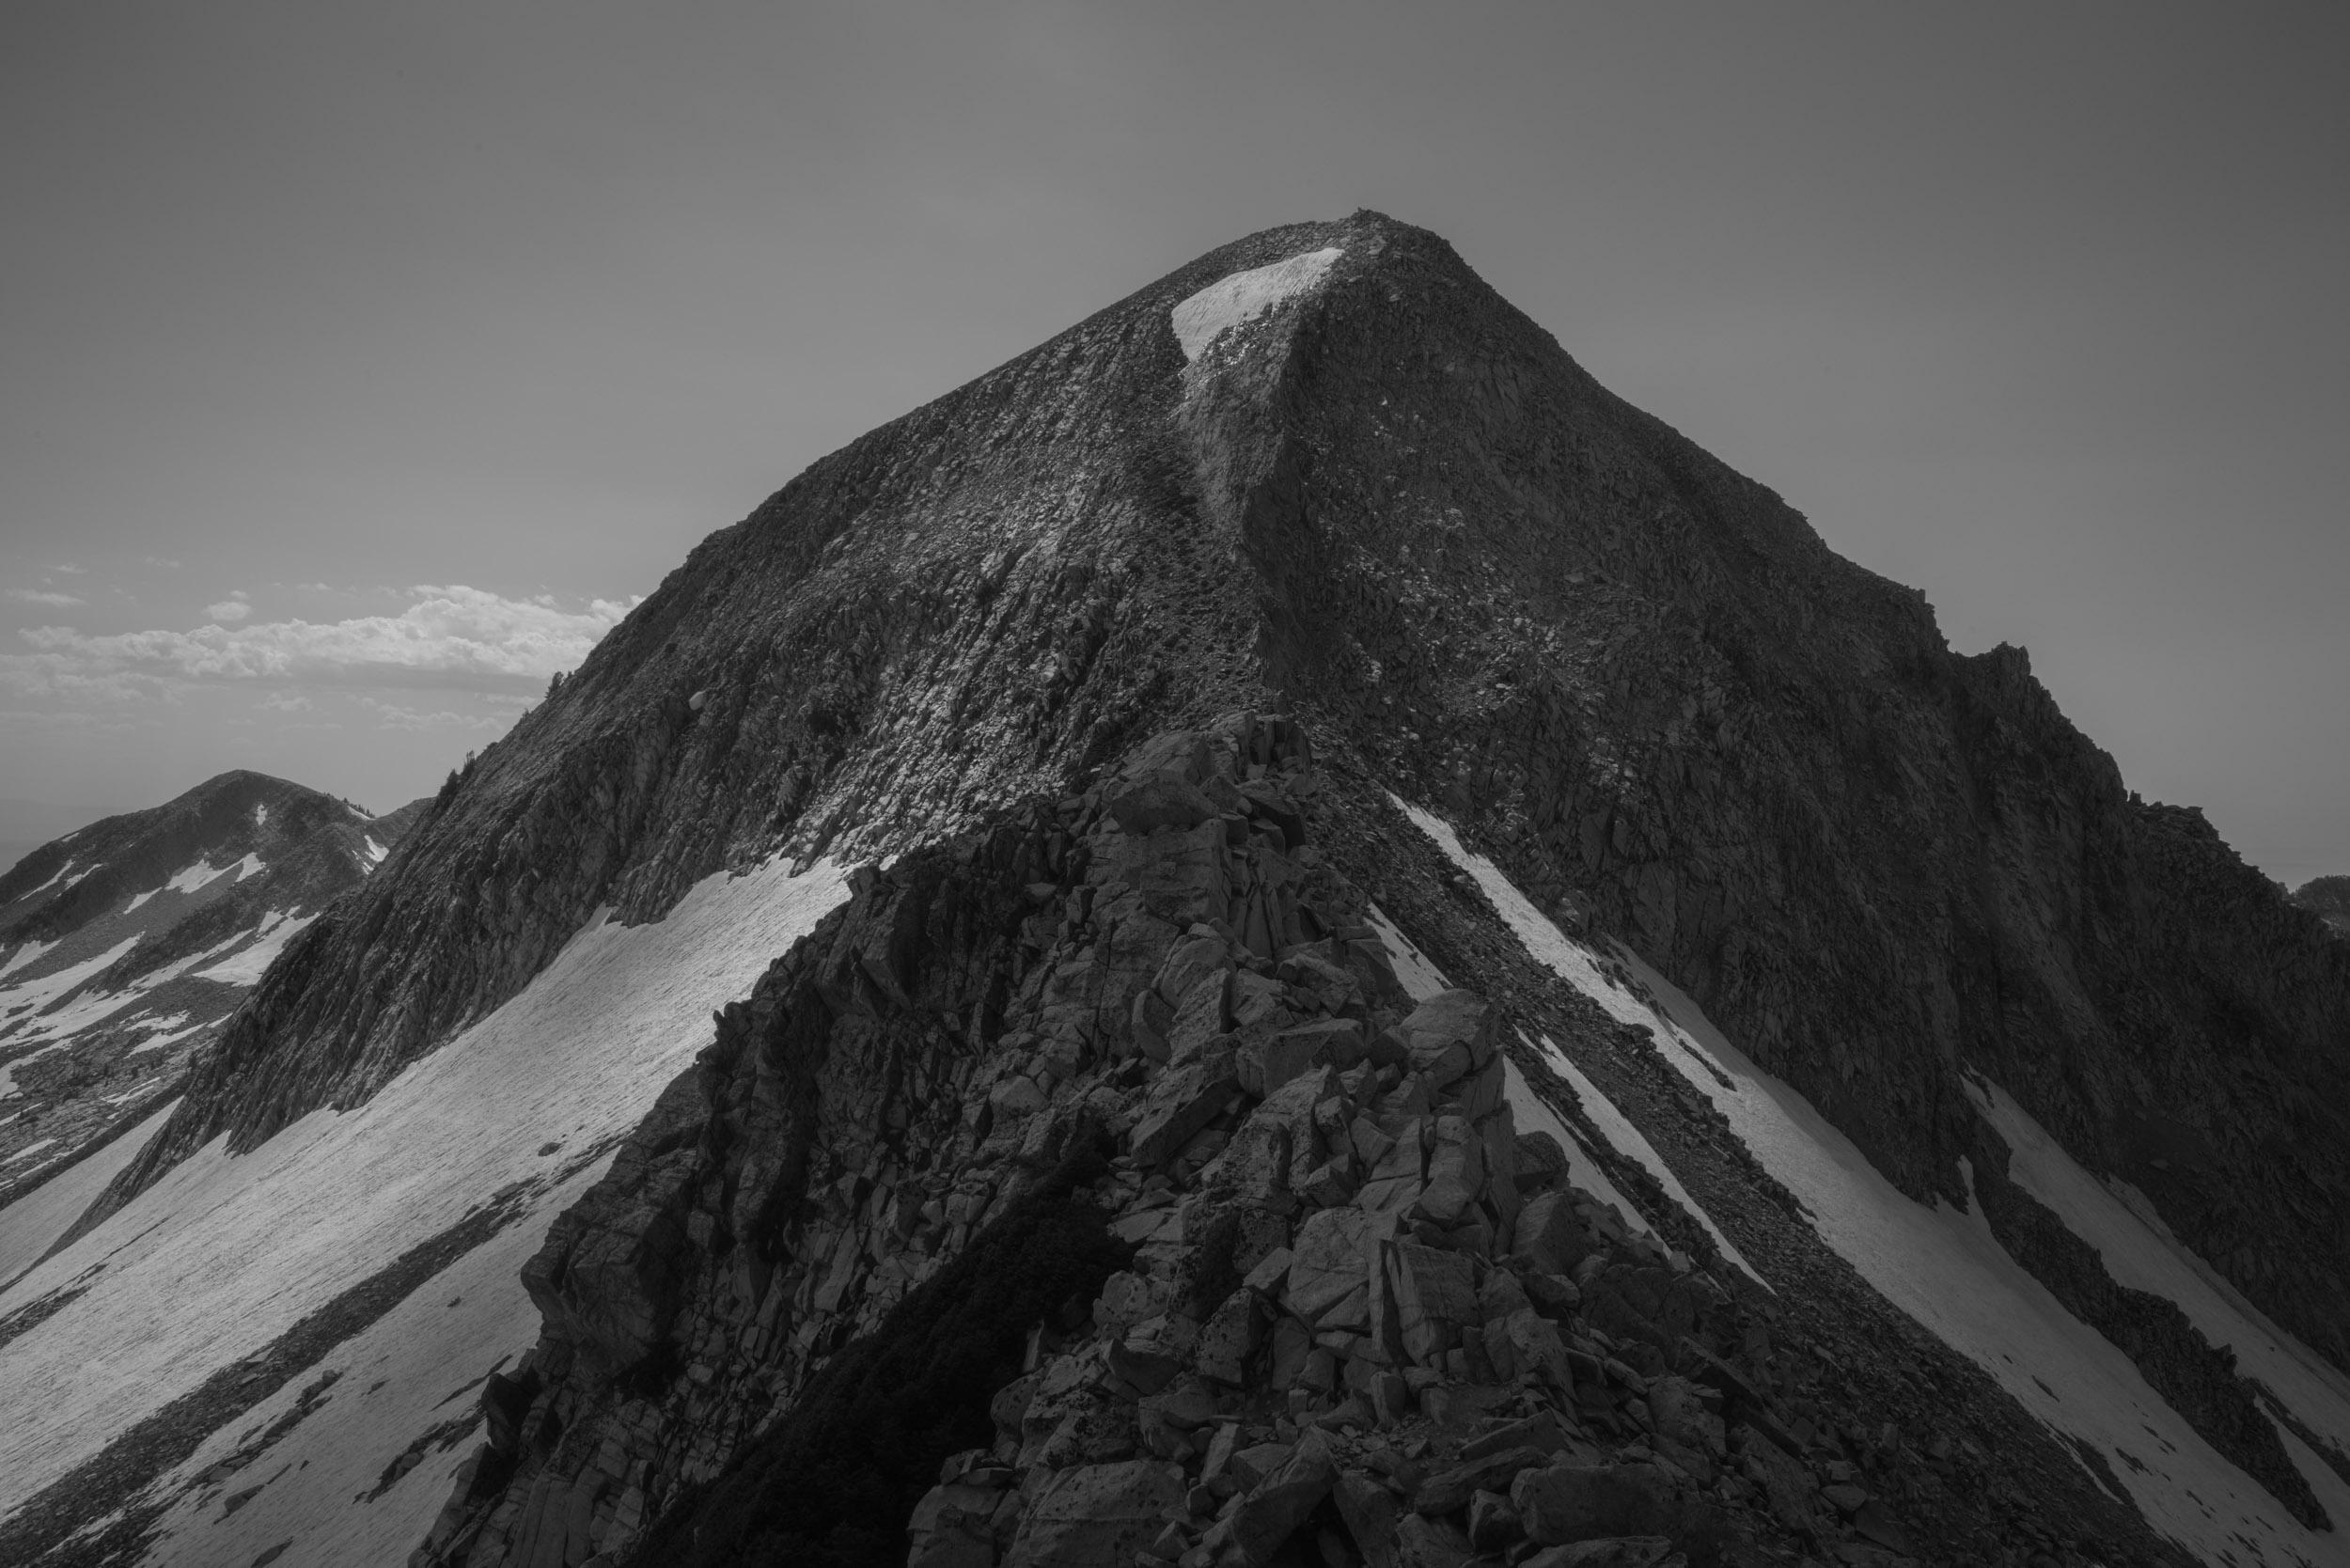 Glaciated granite peak, the Pfeifferhorn, 11,326'. Lone Peak Wilderness, Wasatch Range, Utah.